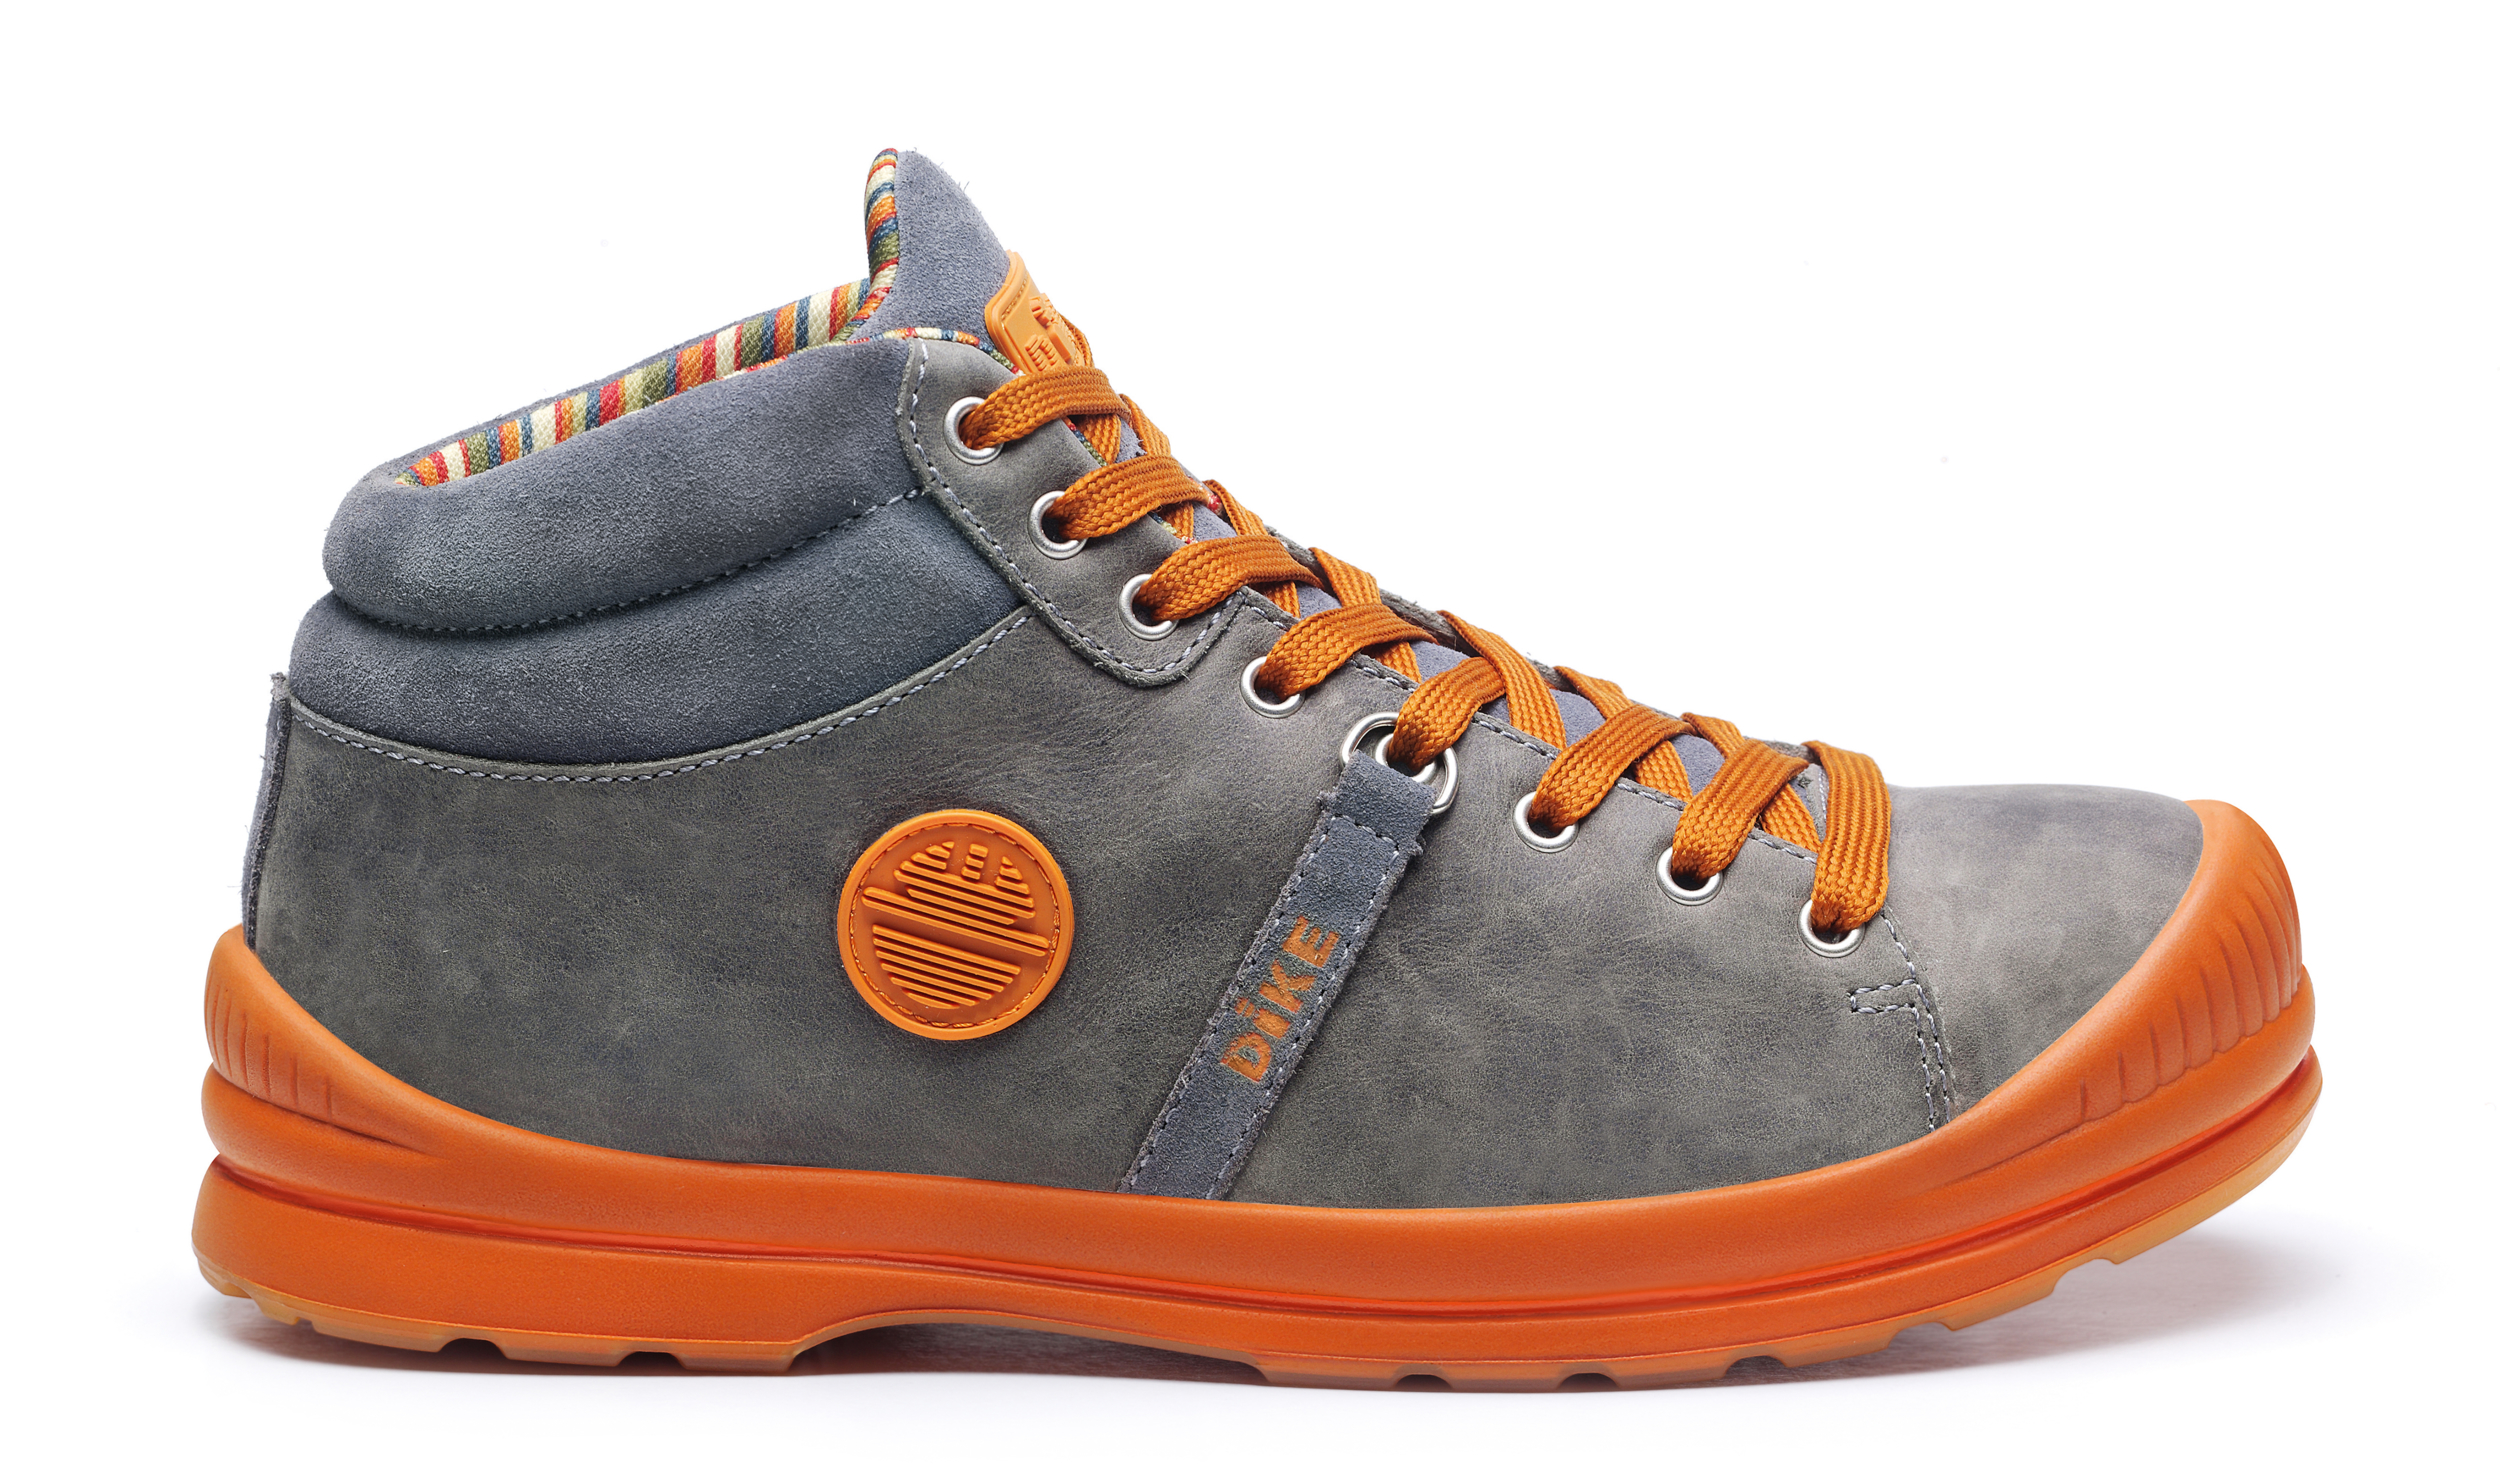 Chaussure de sécurité SUPERB MI-HAUTE PLOMB S3 SRC 27021-205 DIKE - Du 38 au 47